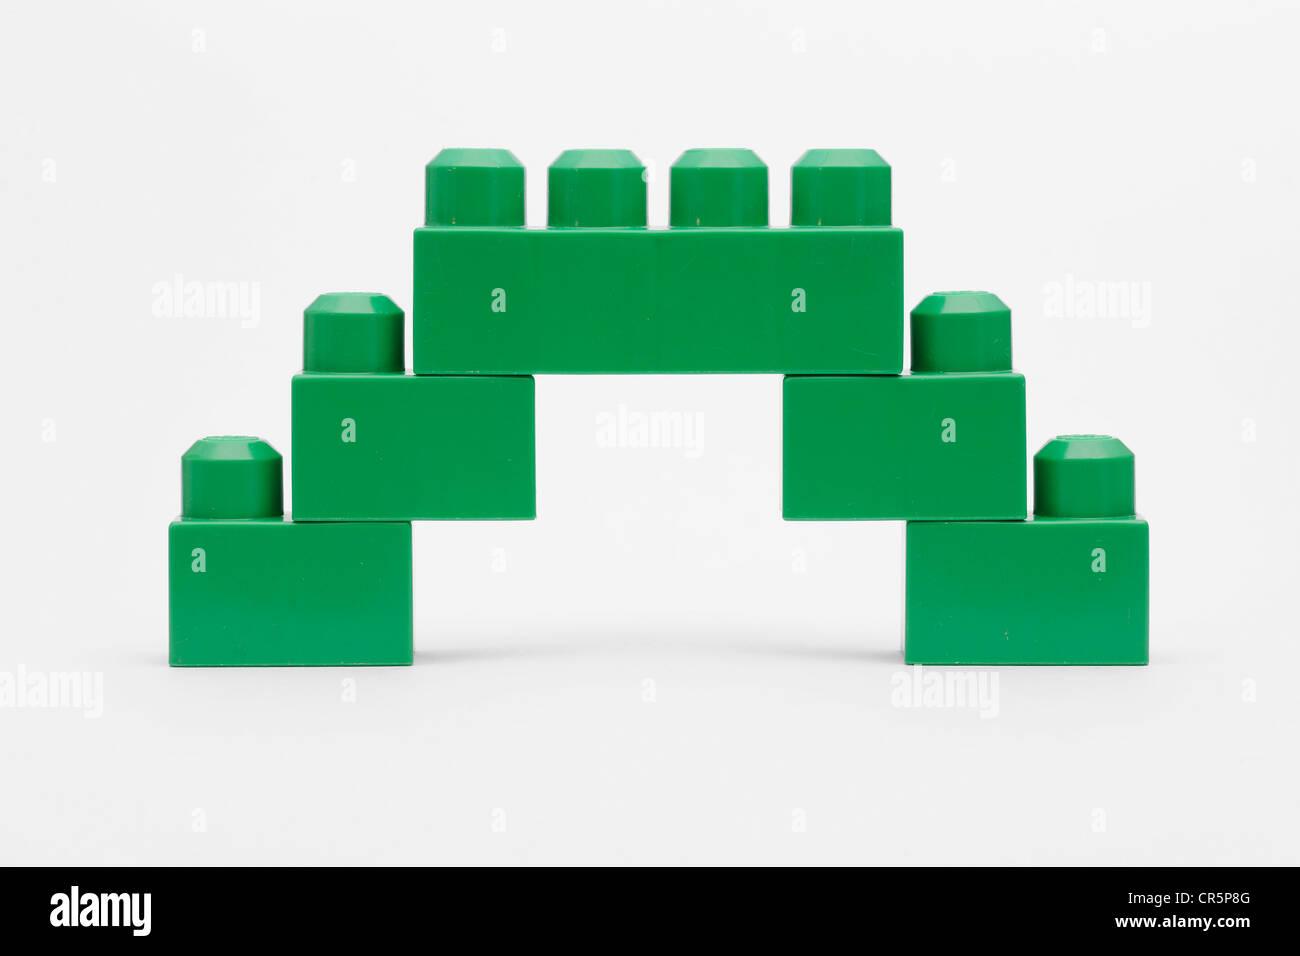 Grüne Brücke aus Lego-Steinen Stockfoto